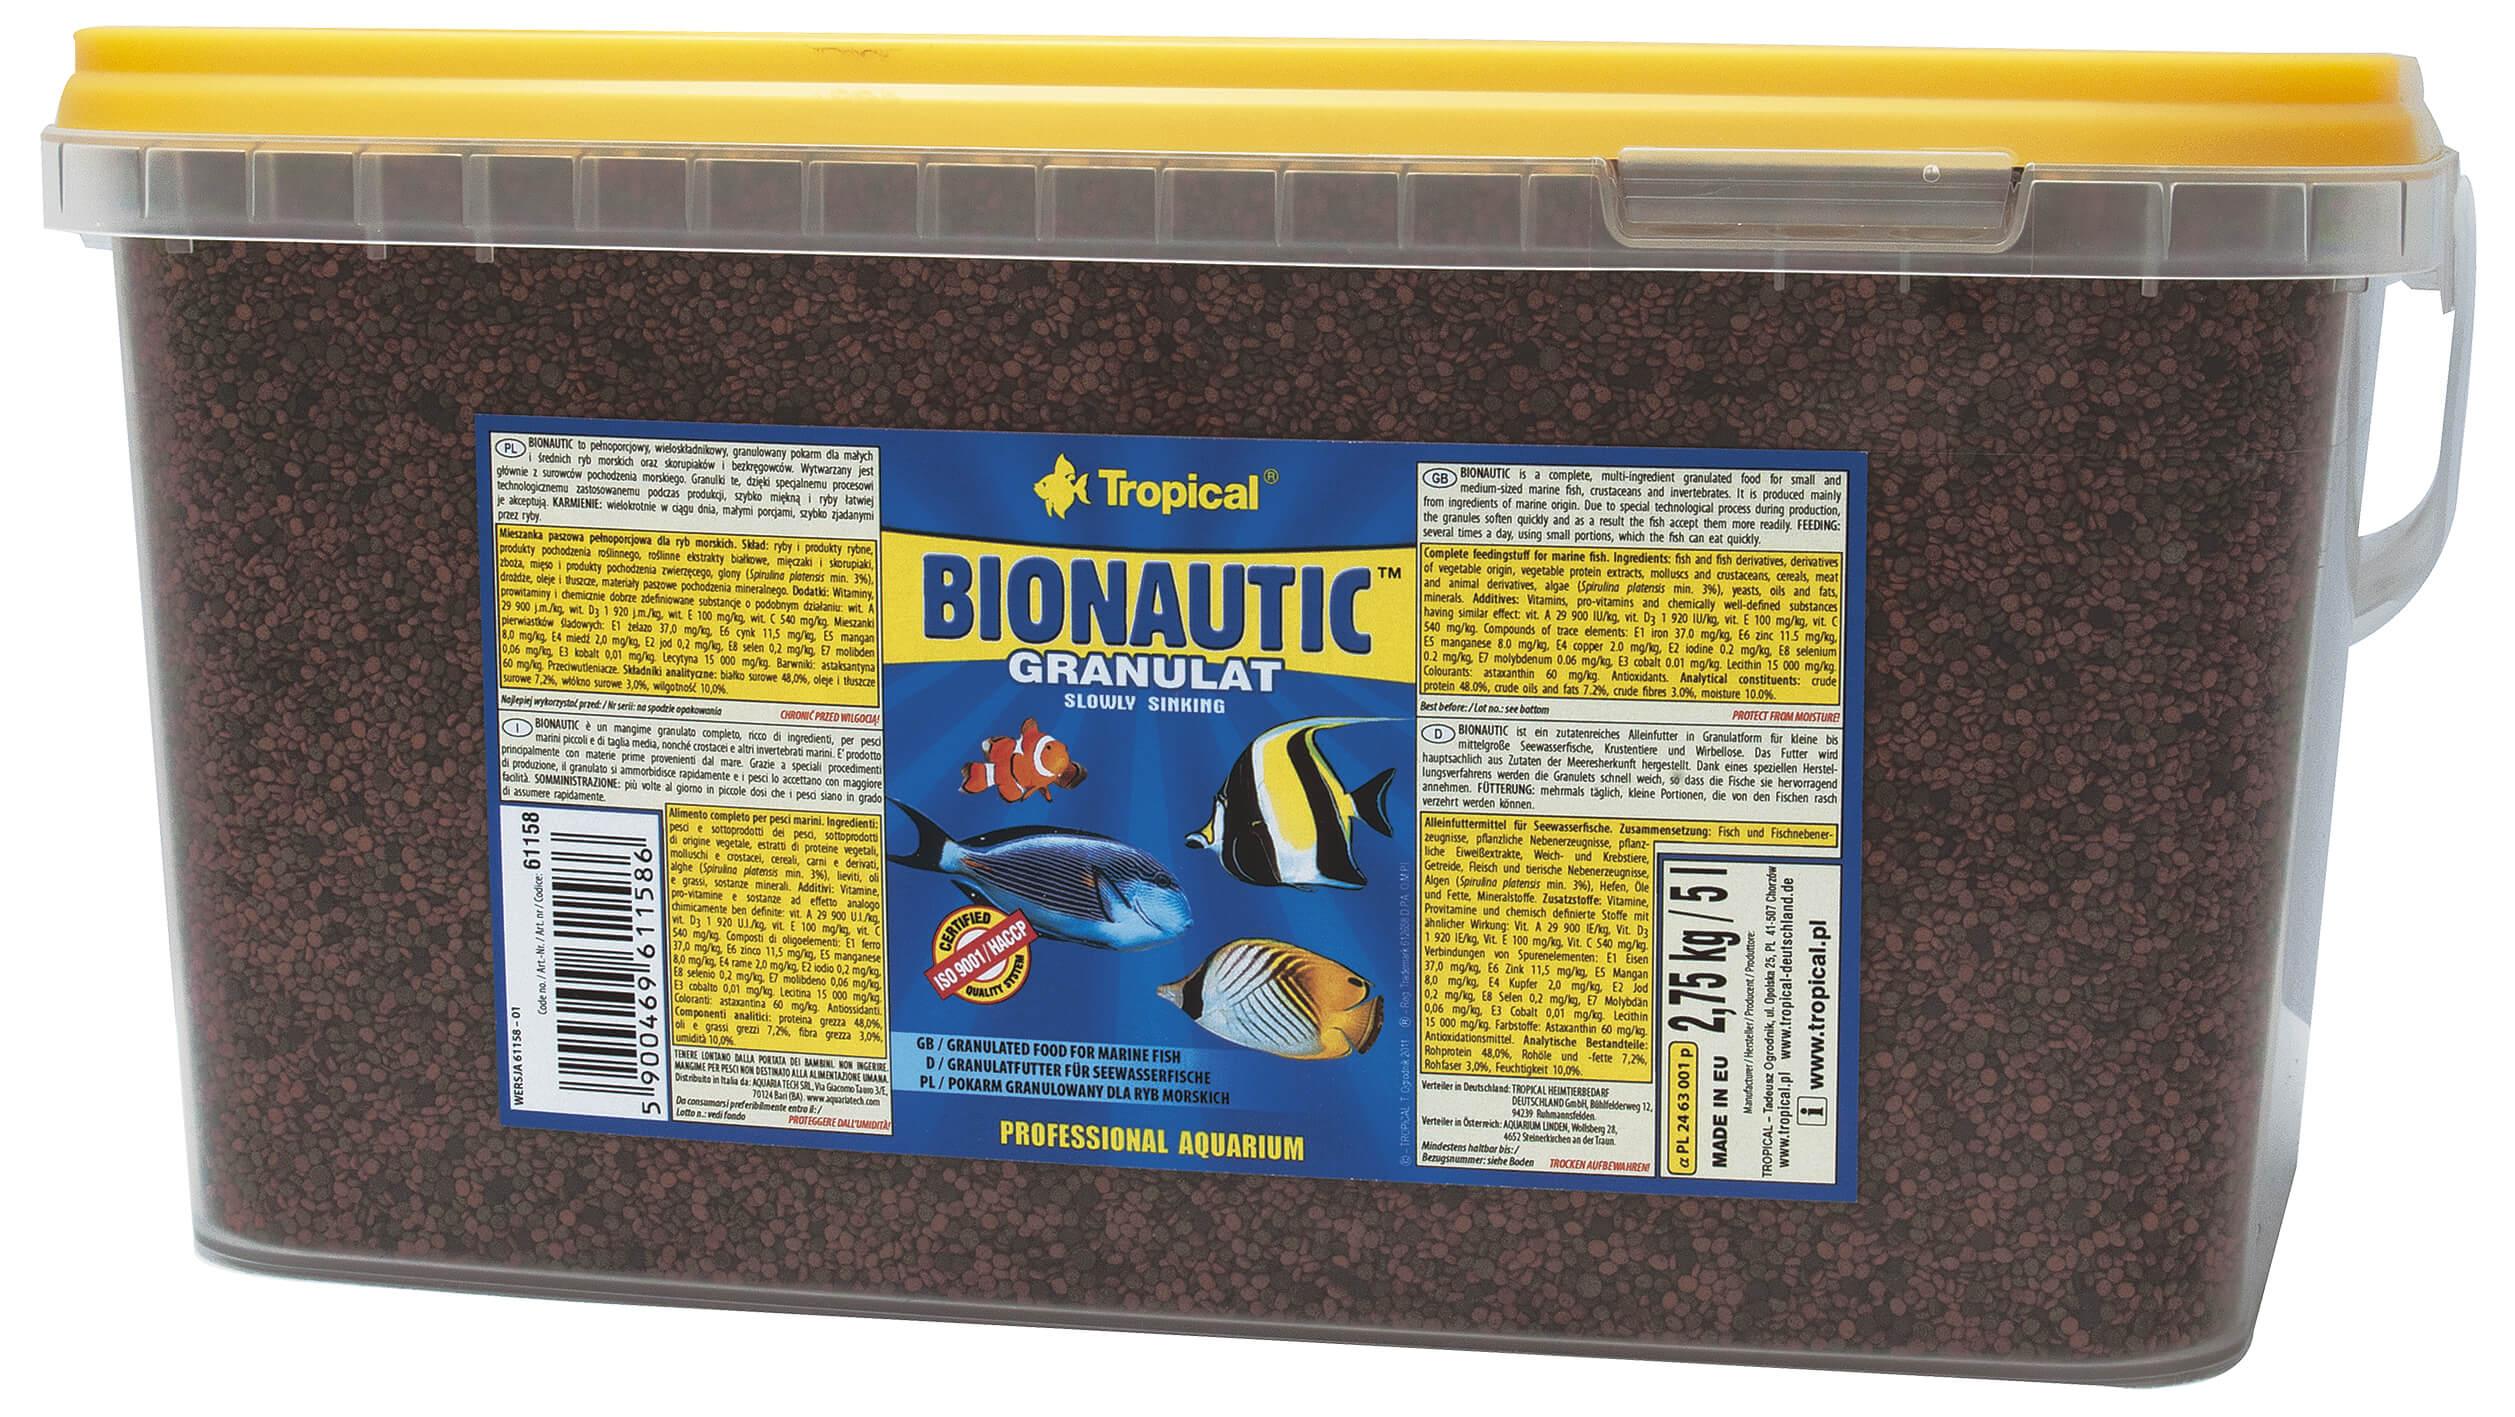 Tropical Bionautic Granulat - 5 000ml/2750g